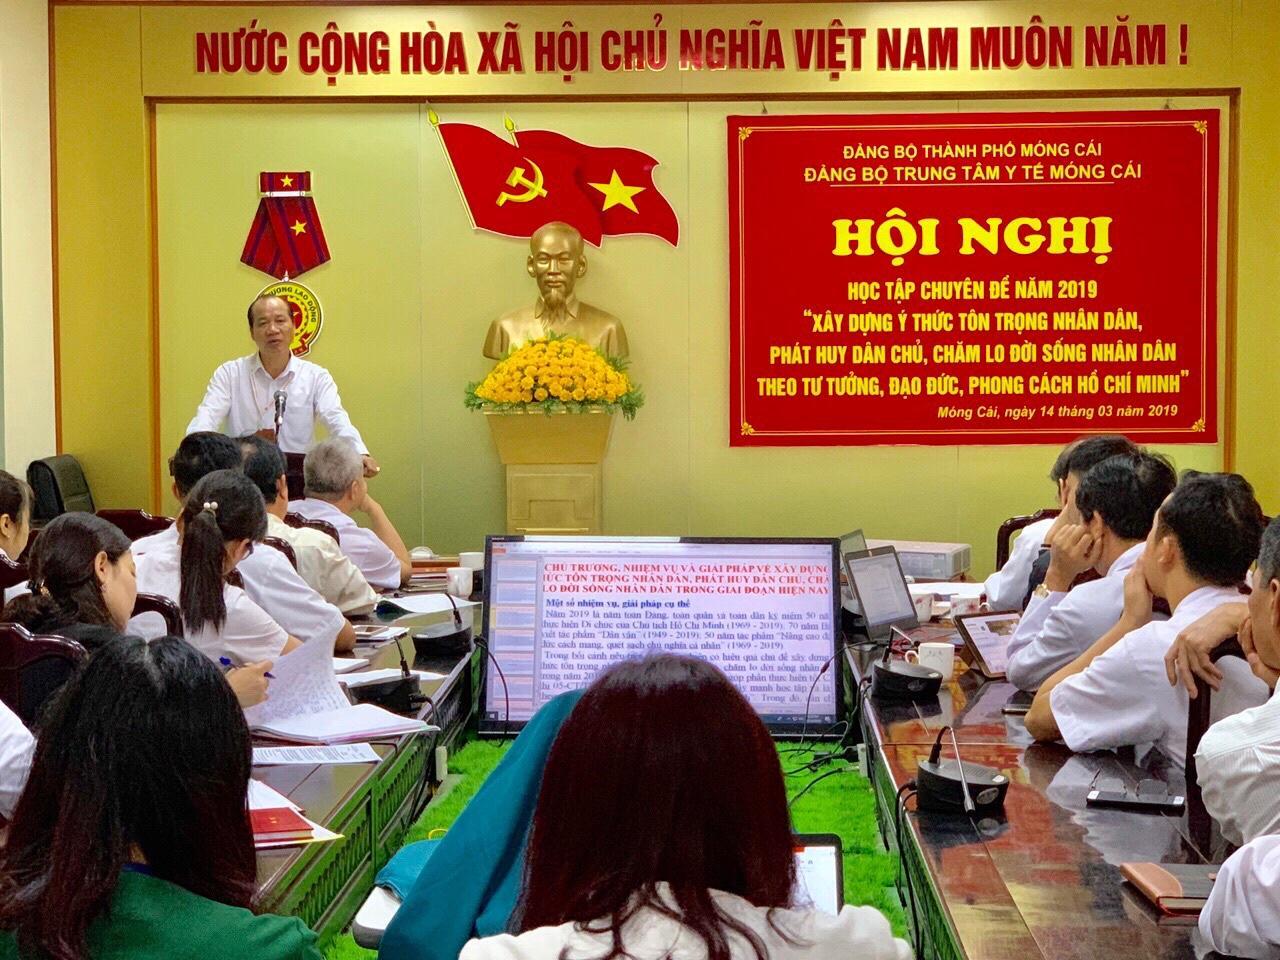 """Đảng bộ Trung tâm Y tế thành phố Móng Cái tổ chức học tập chuyên đề năm 2019 """"Xây dựng ý thức tôn trọng Nhân dân, phát huy dân chủ, chăm lo đời sống Nhân dân theo tư tưởng, đạo đức, phong cách Hồ Chí Minh"""